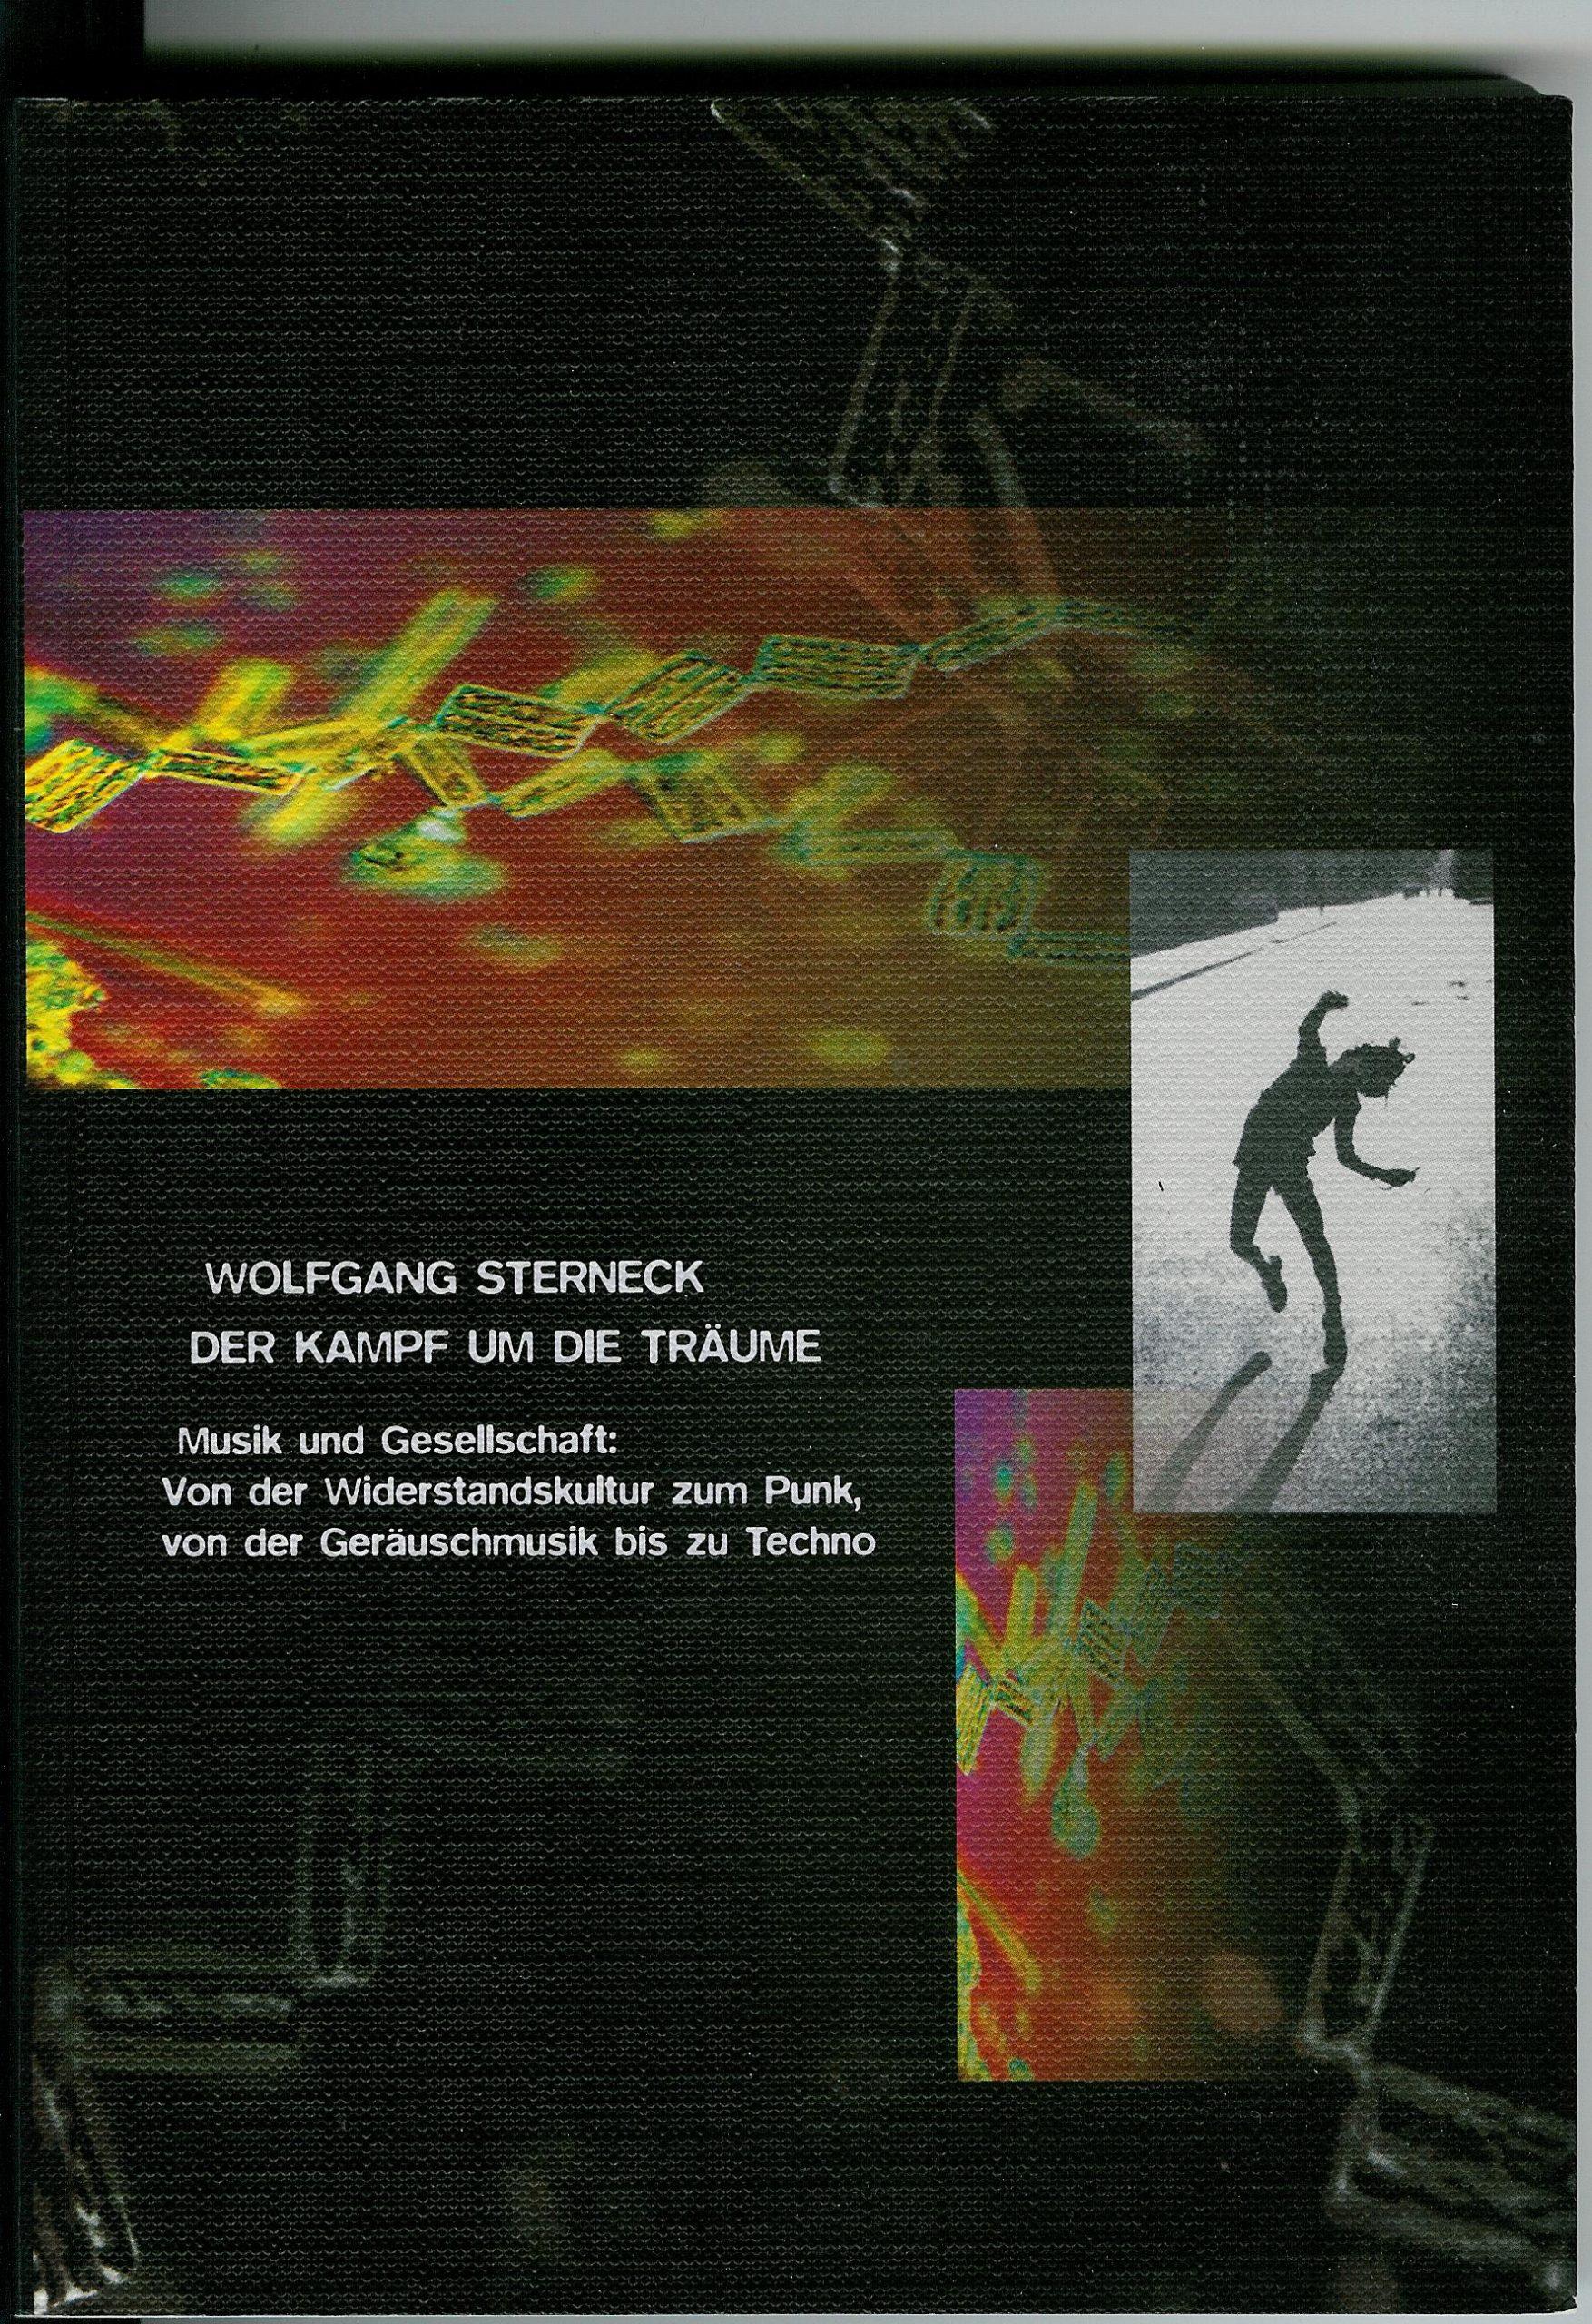 Der Kampf um die Träume - Musik und Gesellschaft